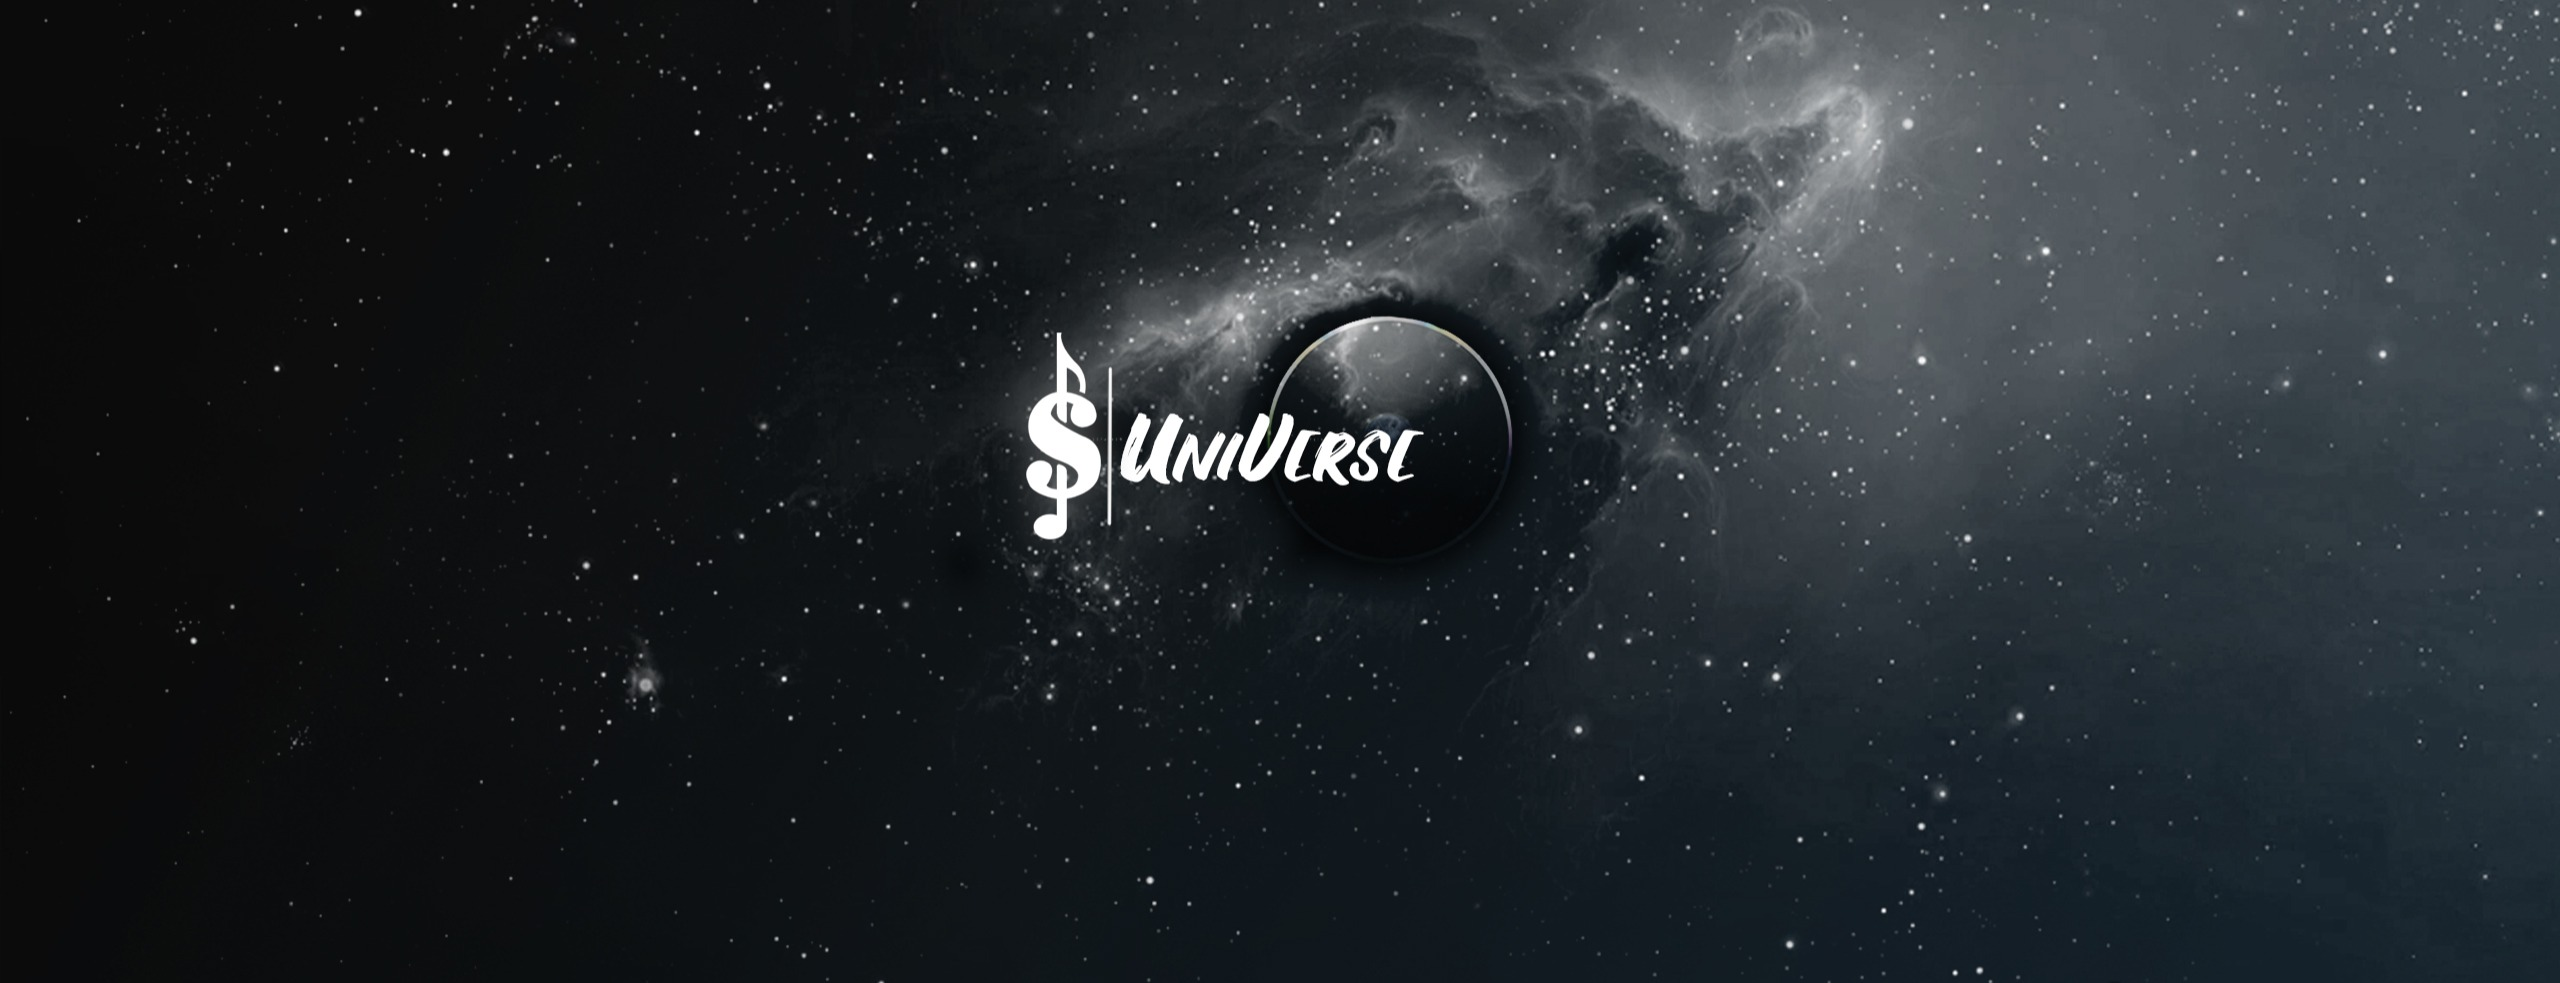 SQ Universe